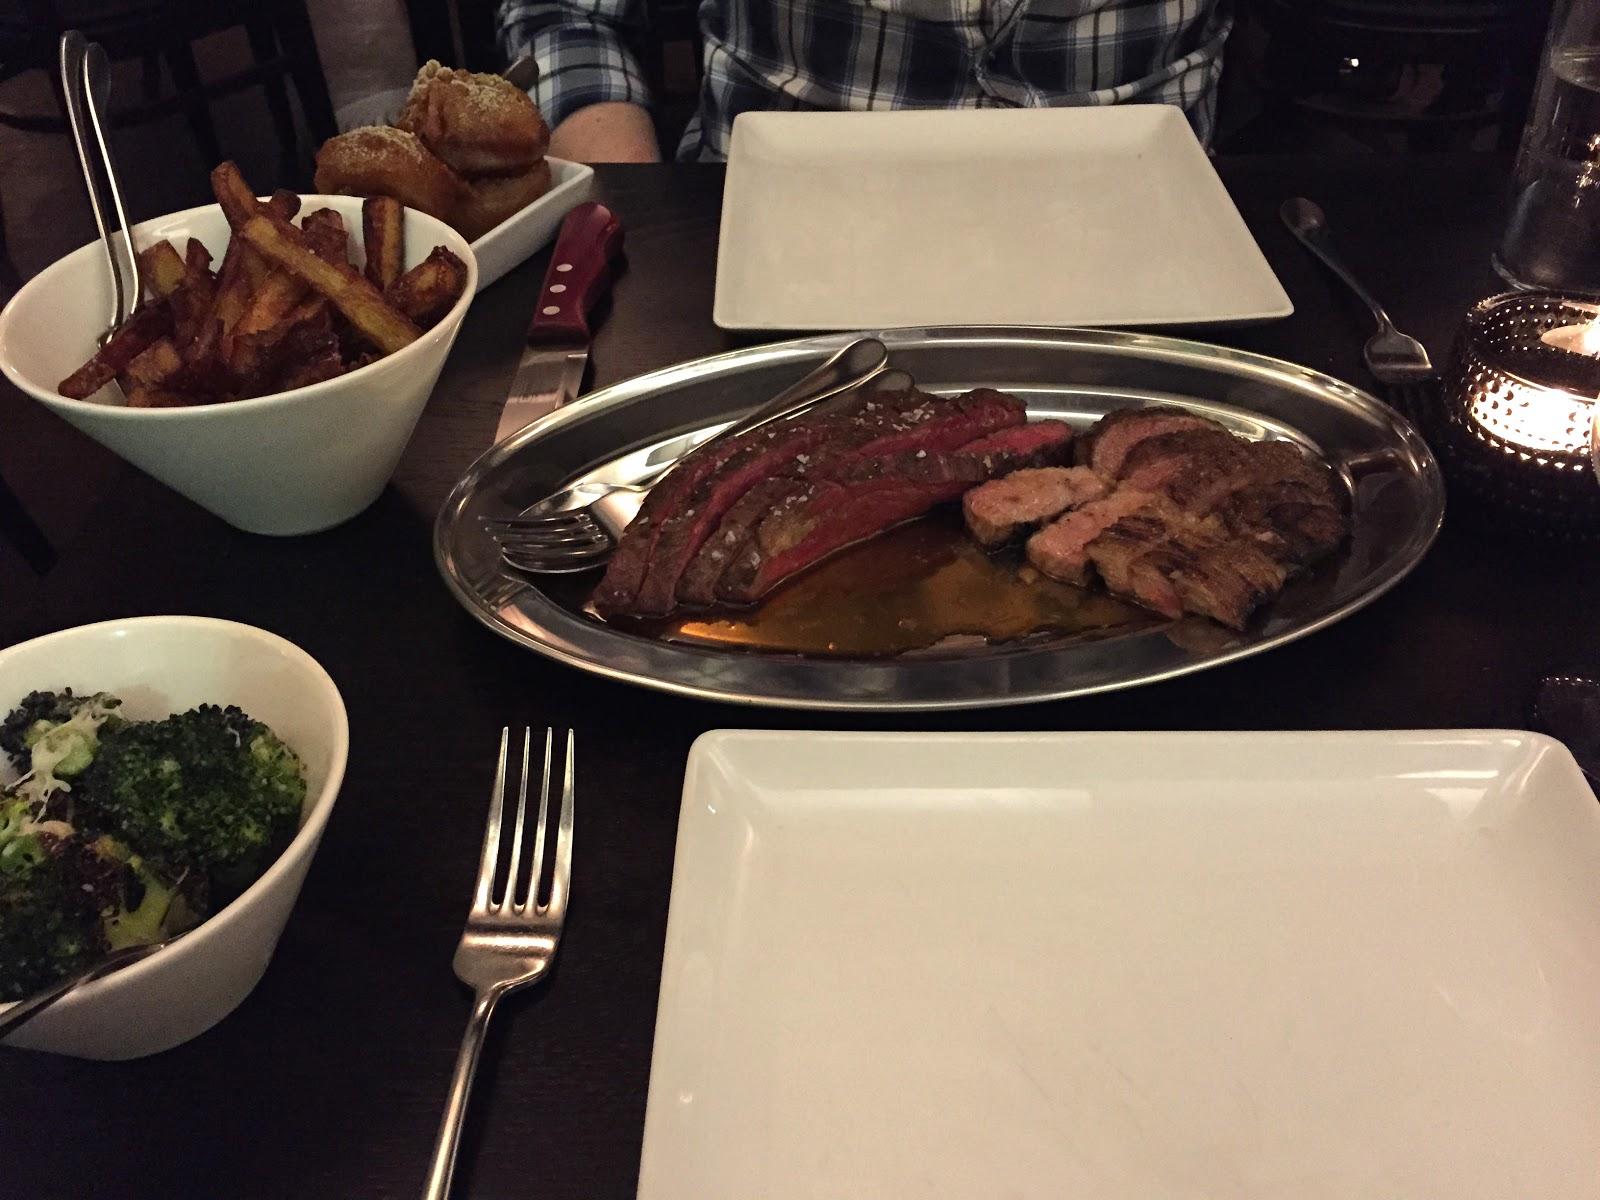 Grotesk, Grotesk Helsinki, Grotesk Ravintola, Grotesk restaurant and bar, Helsinki dining